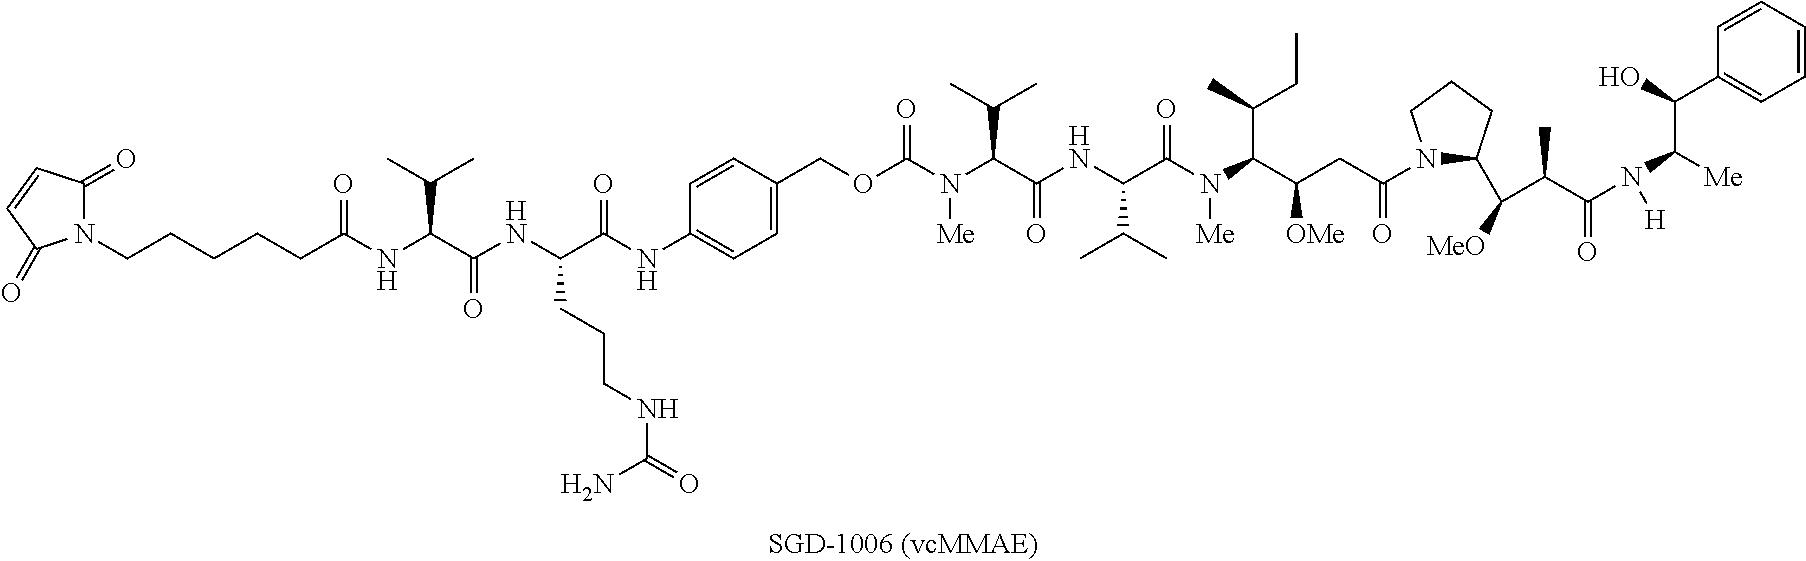 Figure US09273141-20160301-C00003